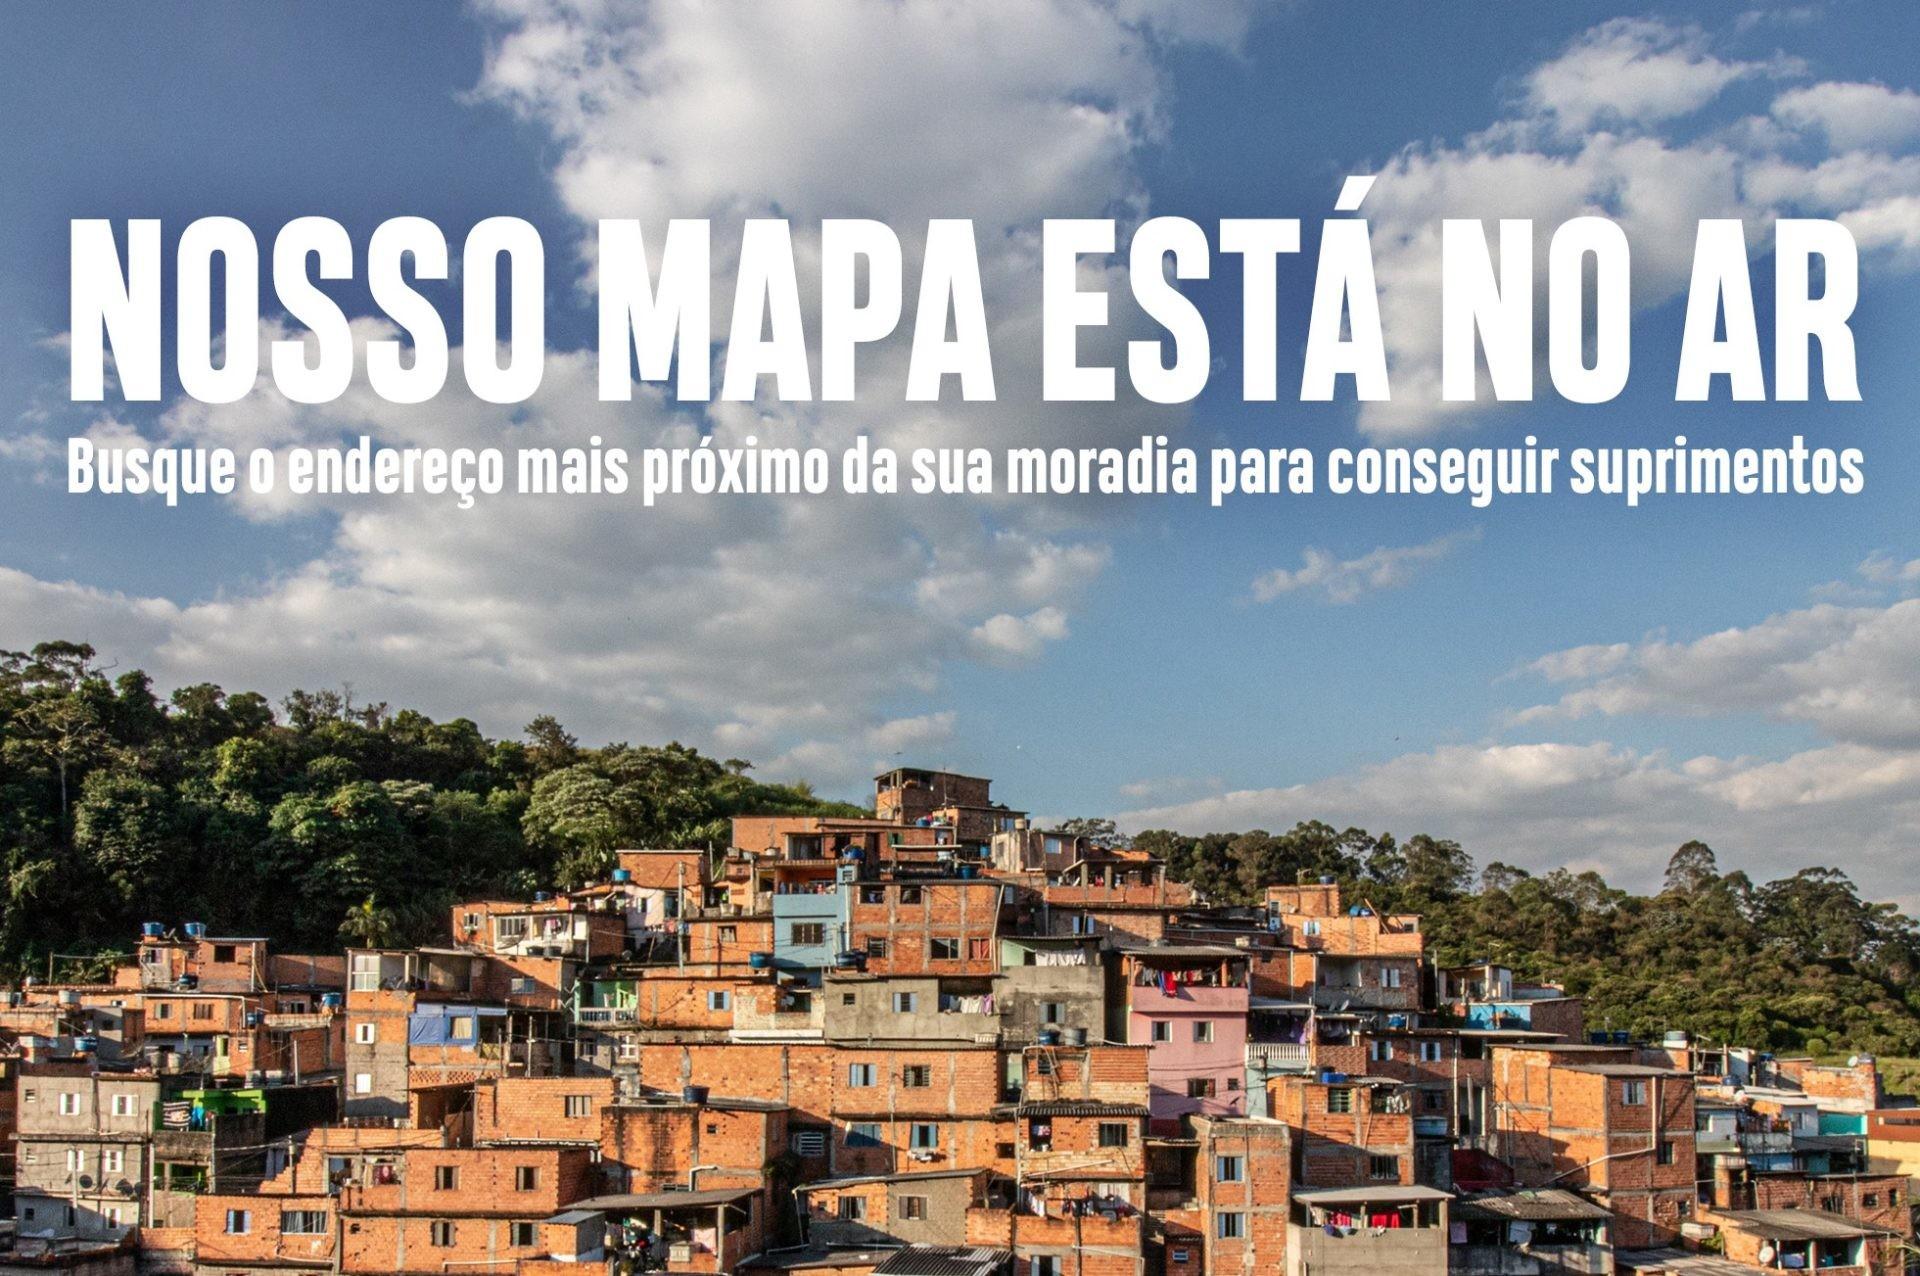 Aplicativo otimiza apoio à famílias da periferia de São Paulo